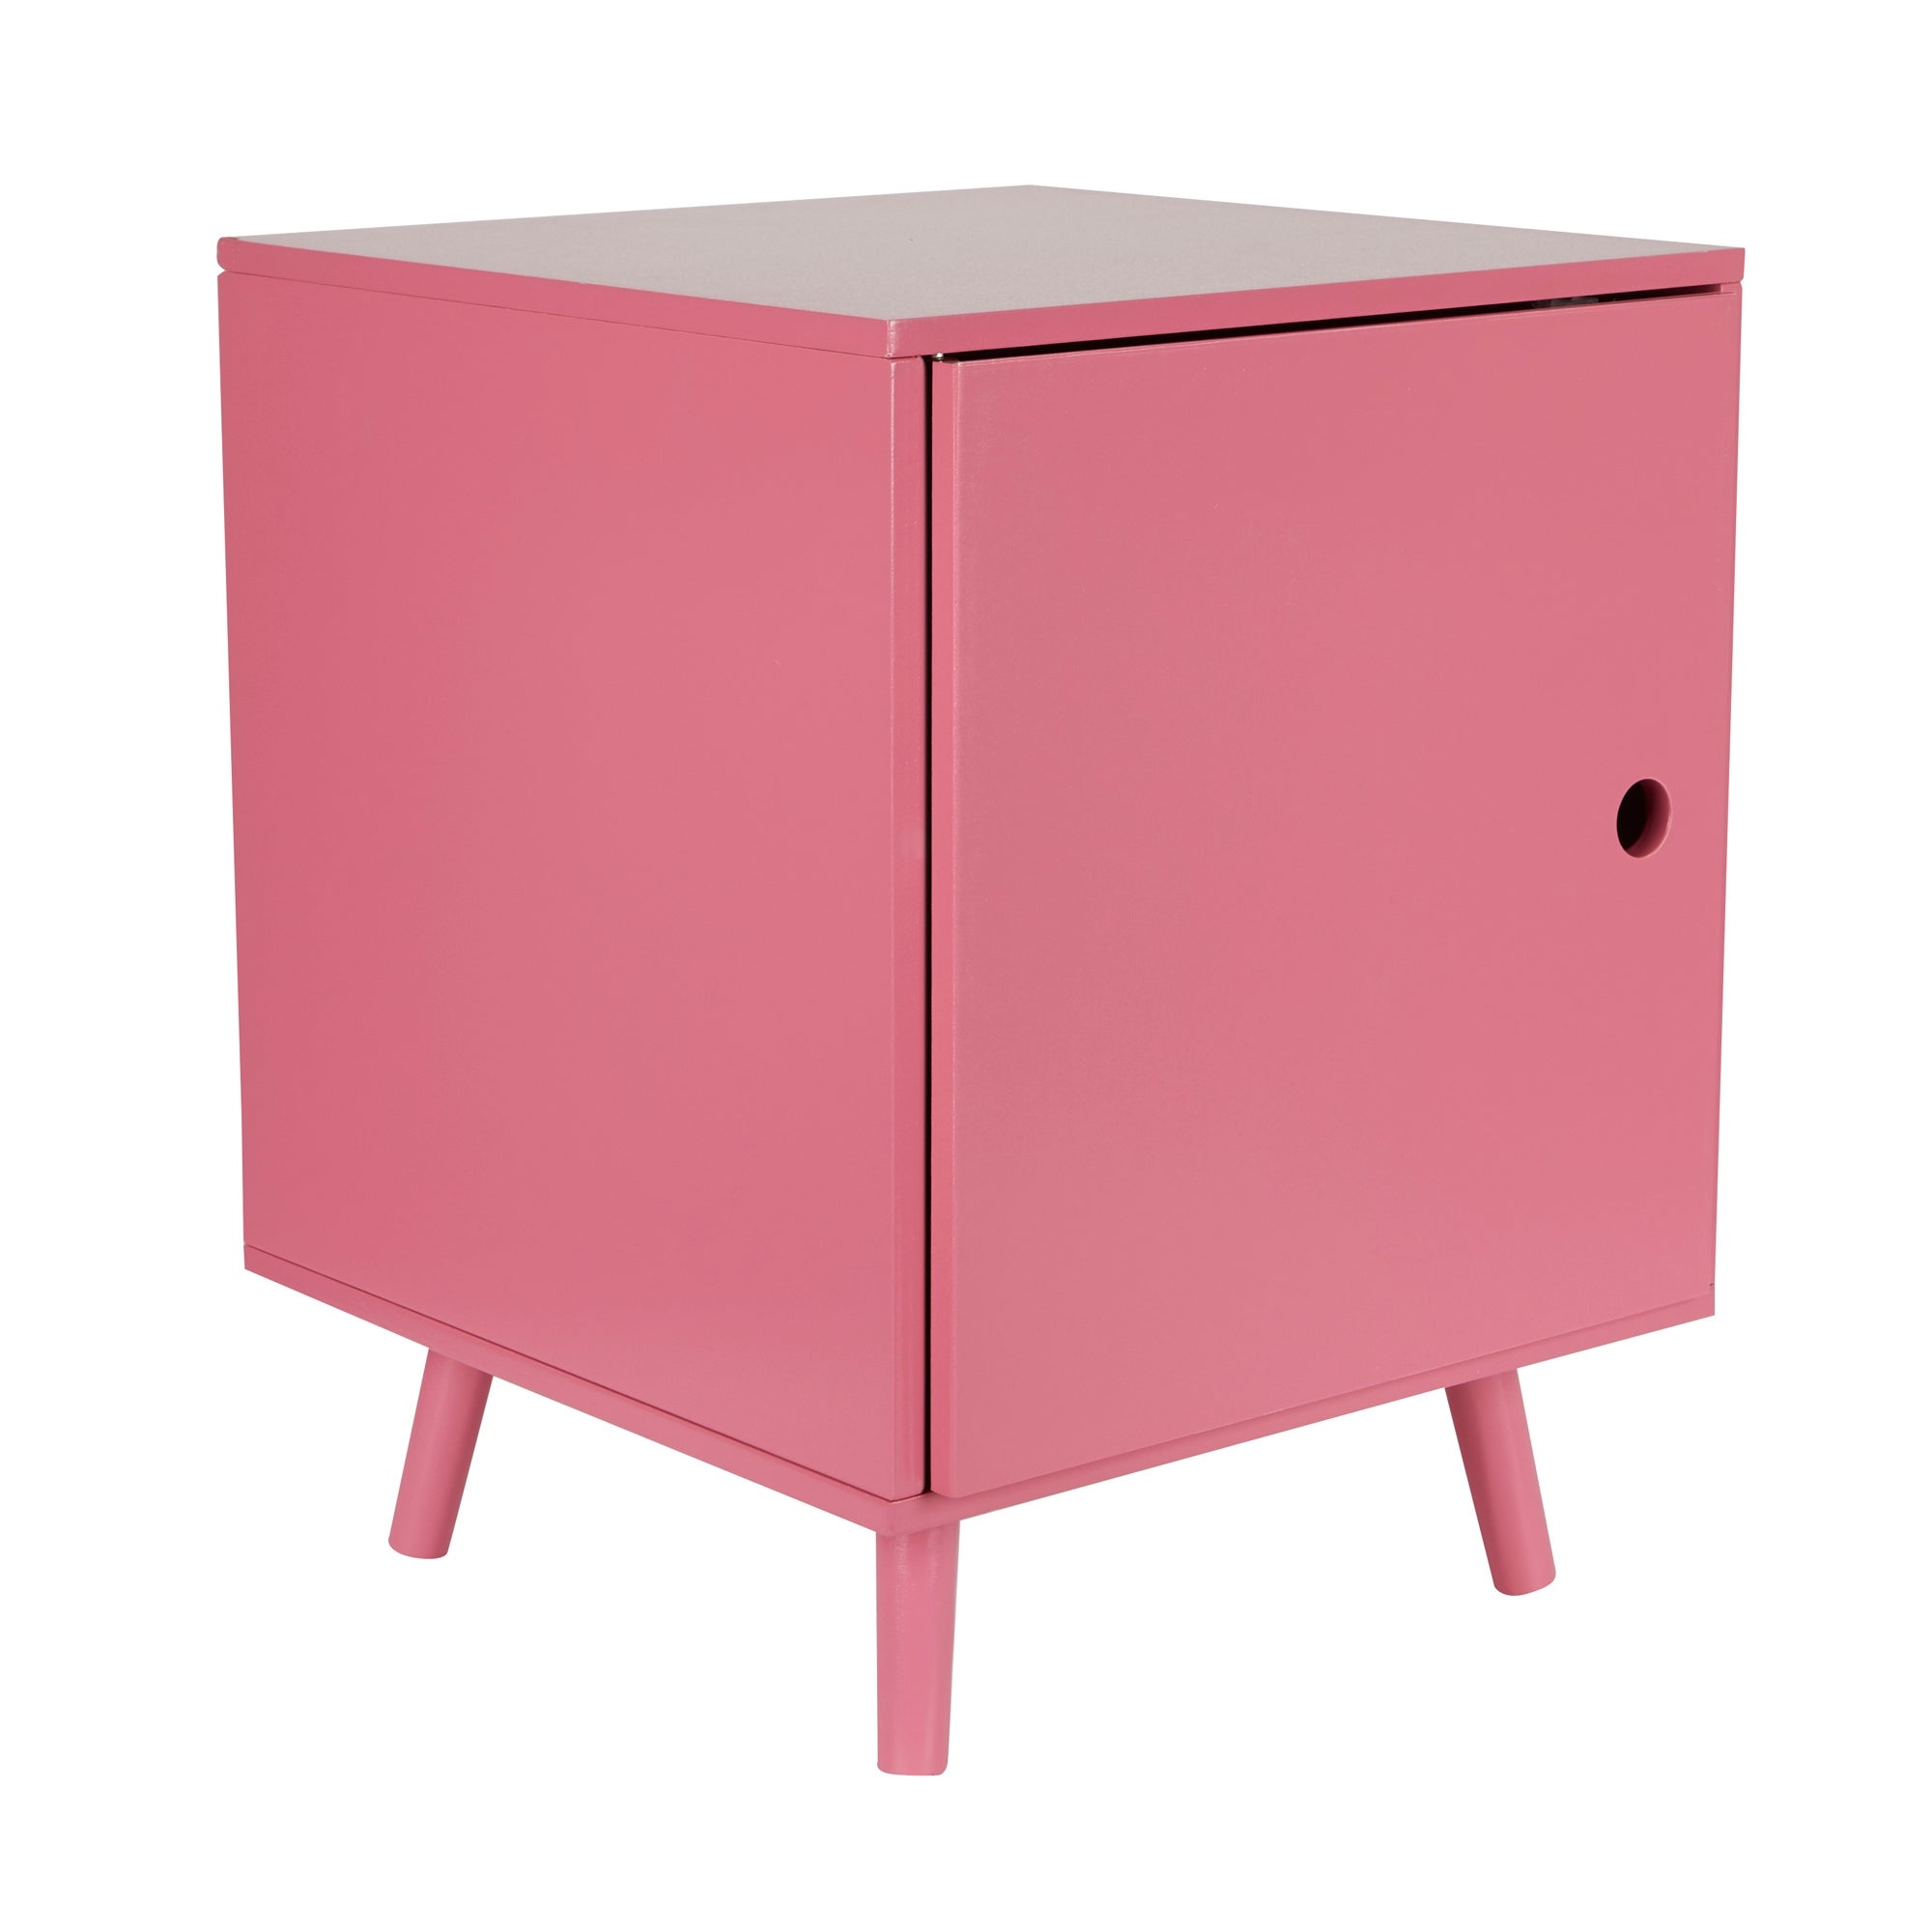 Elements Bright Pink Storage Box Pink